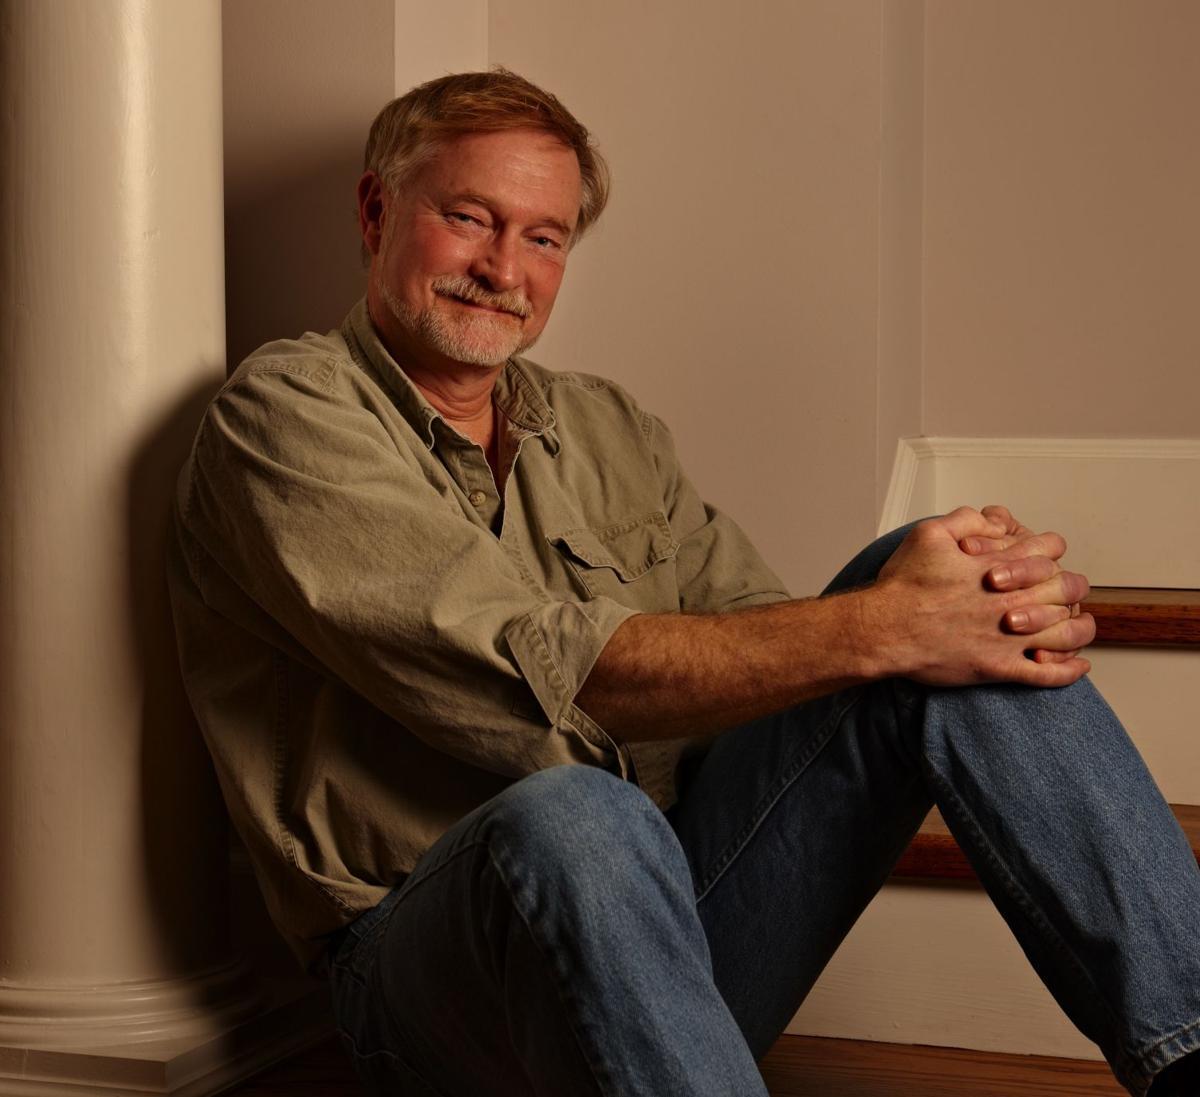 Lusitania author Erik Larson to speak at Jewish Community Center_lowres